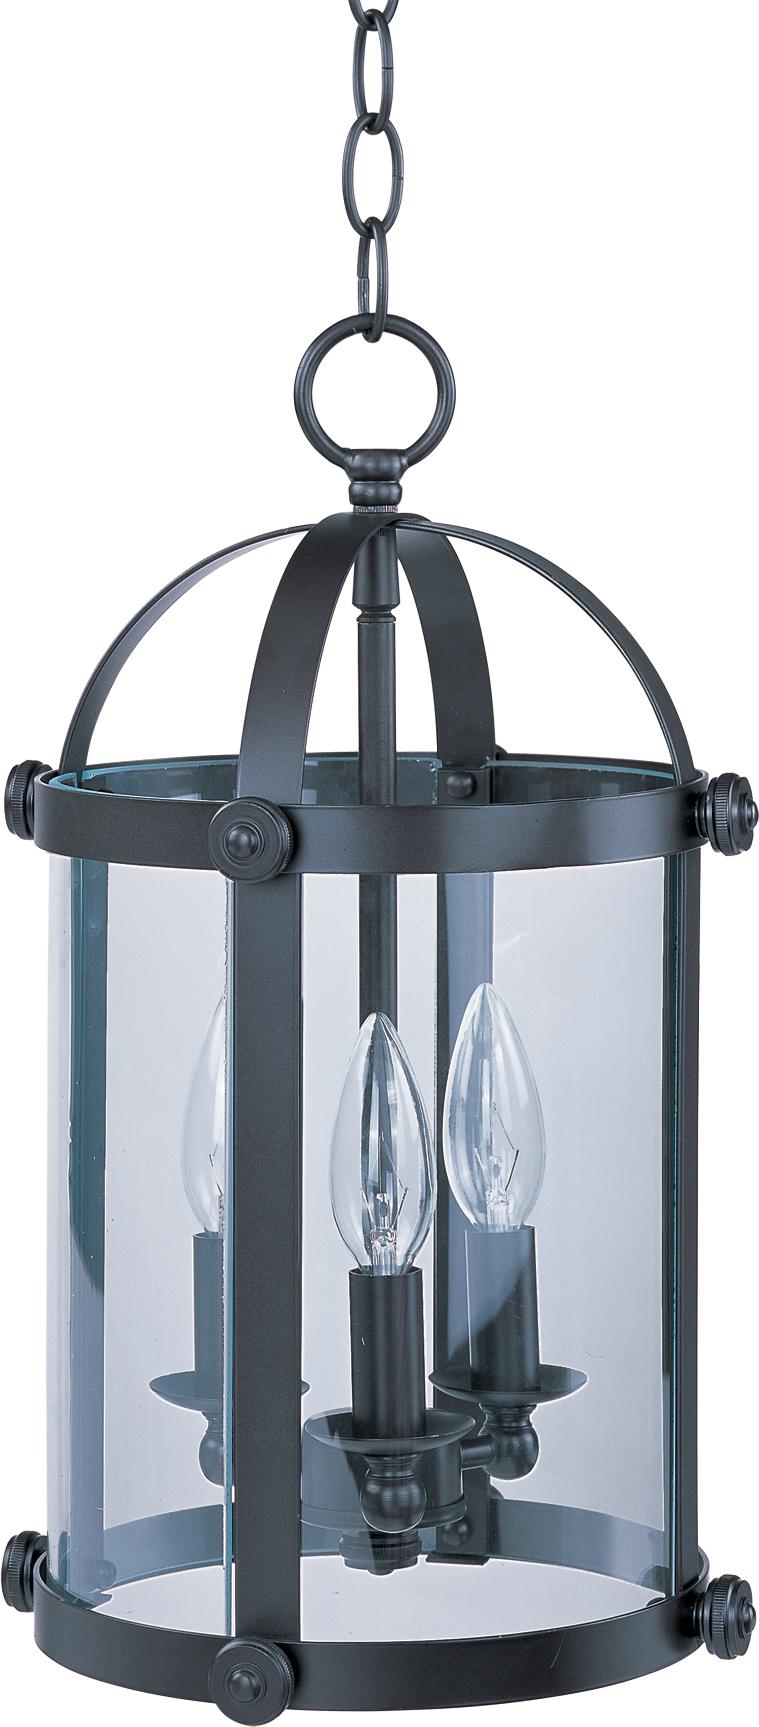 Foyer Lighting Replacement Glass : Tara light pendant entry foyer maxim lighting